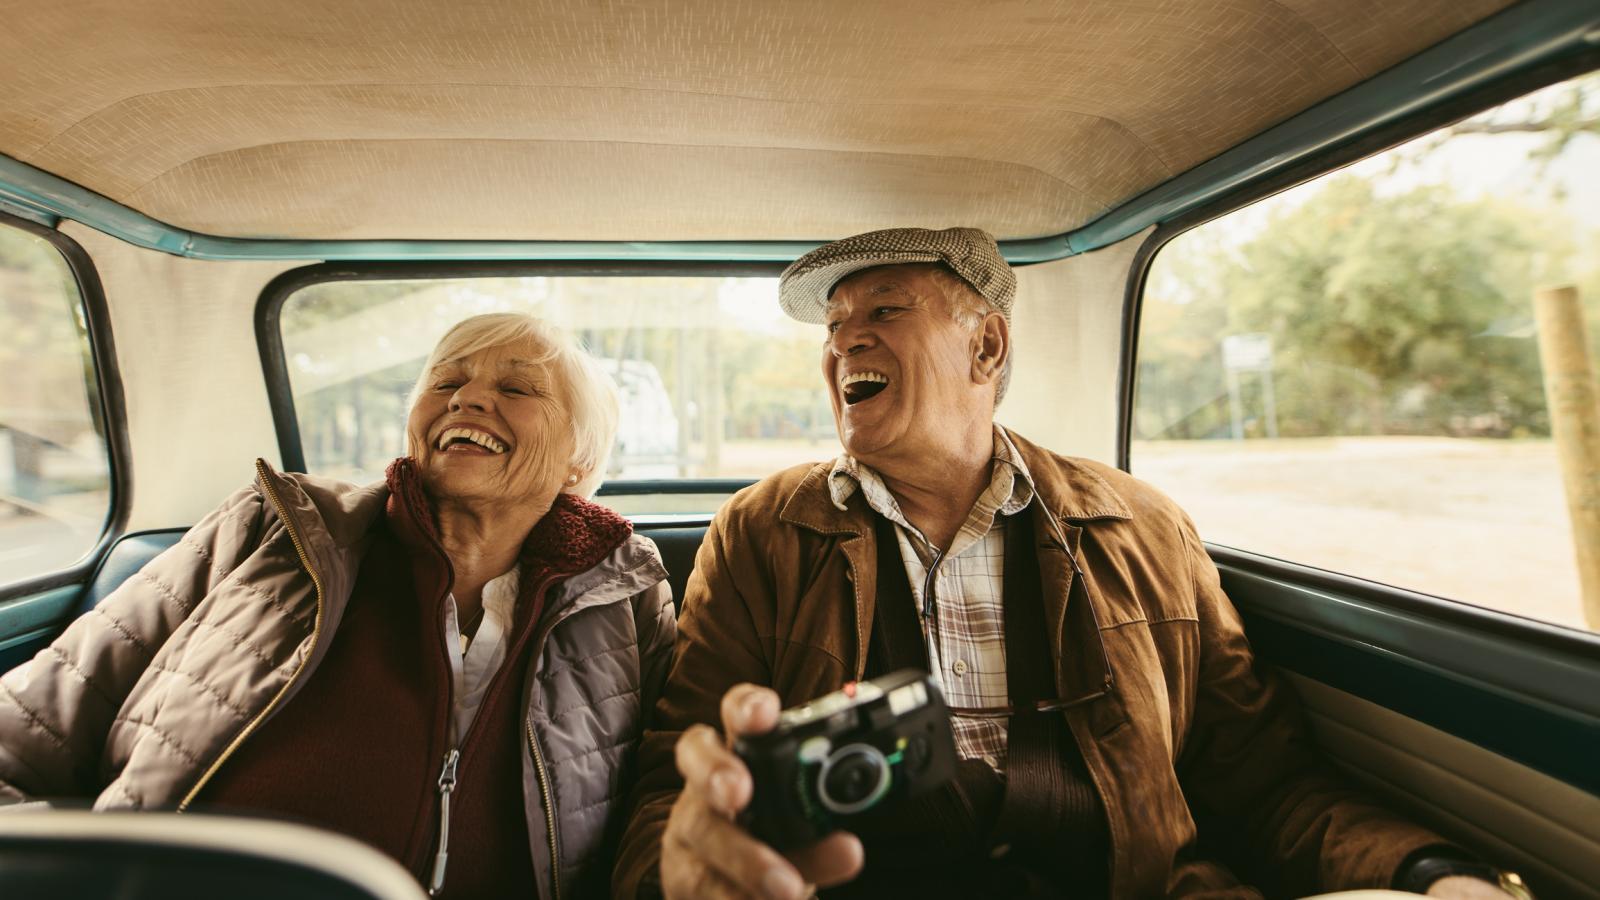 Doživjeti starost dobrog zdravlja i s osmijehom na licu danas se s pravom smatra blagoslovom...